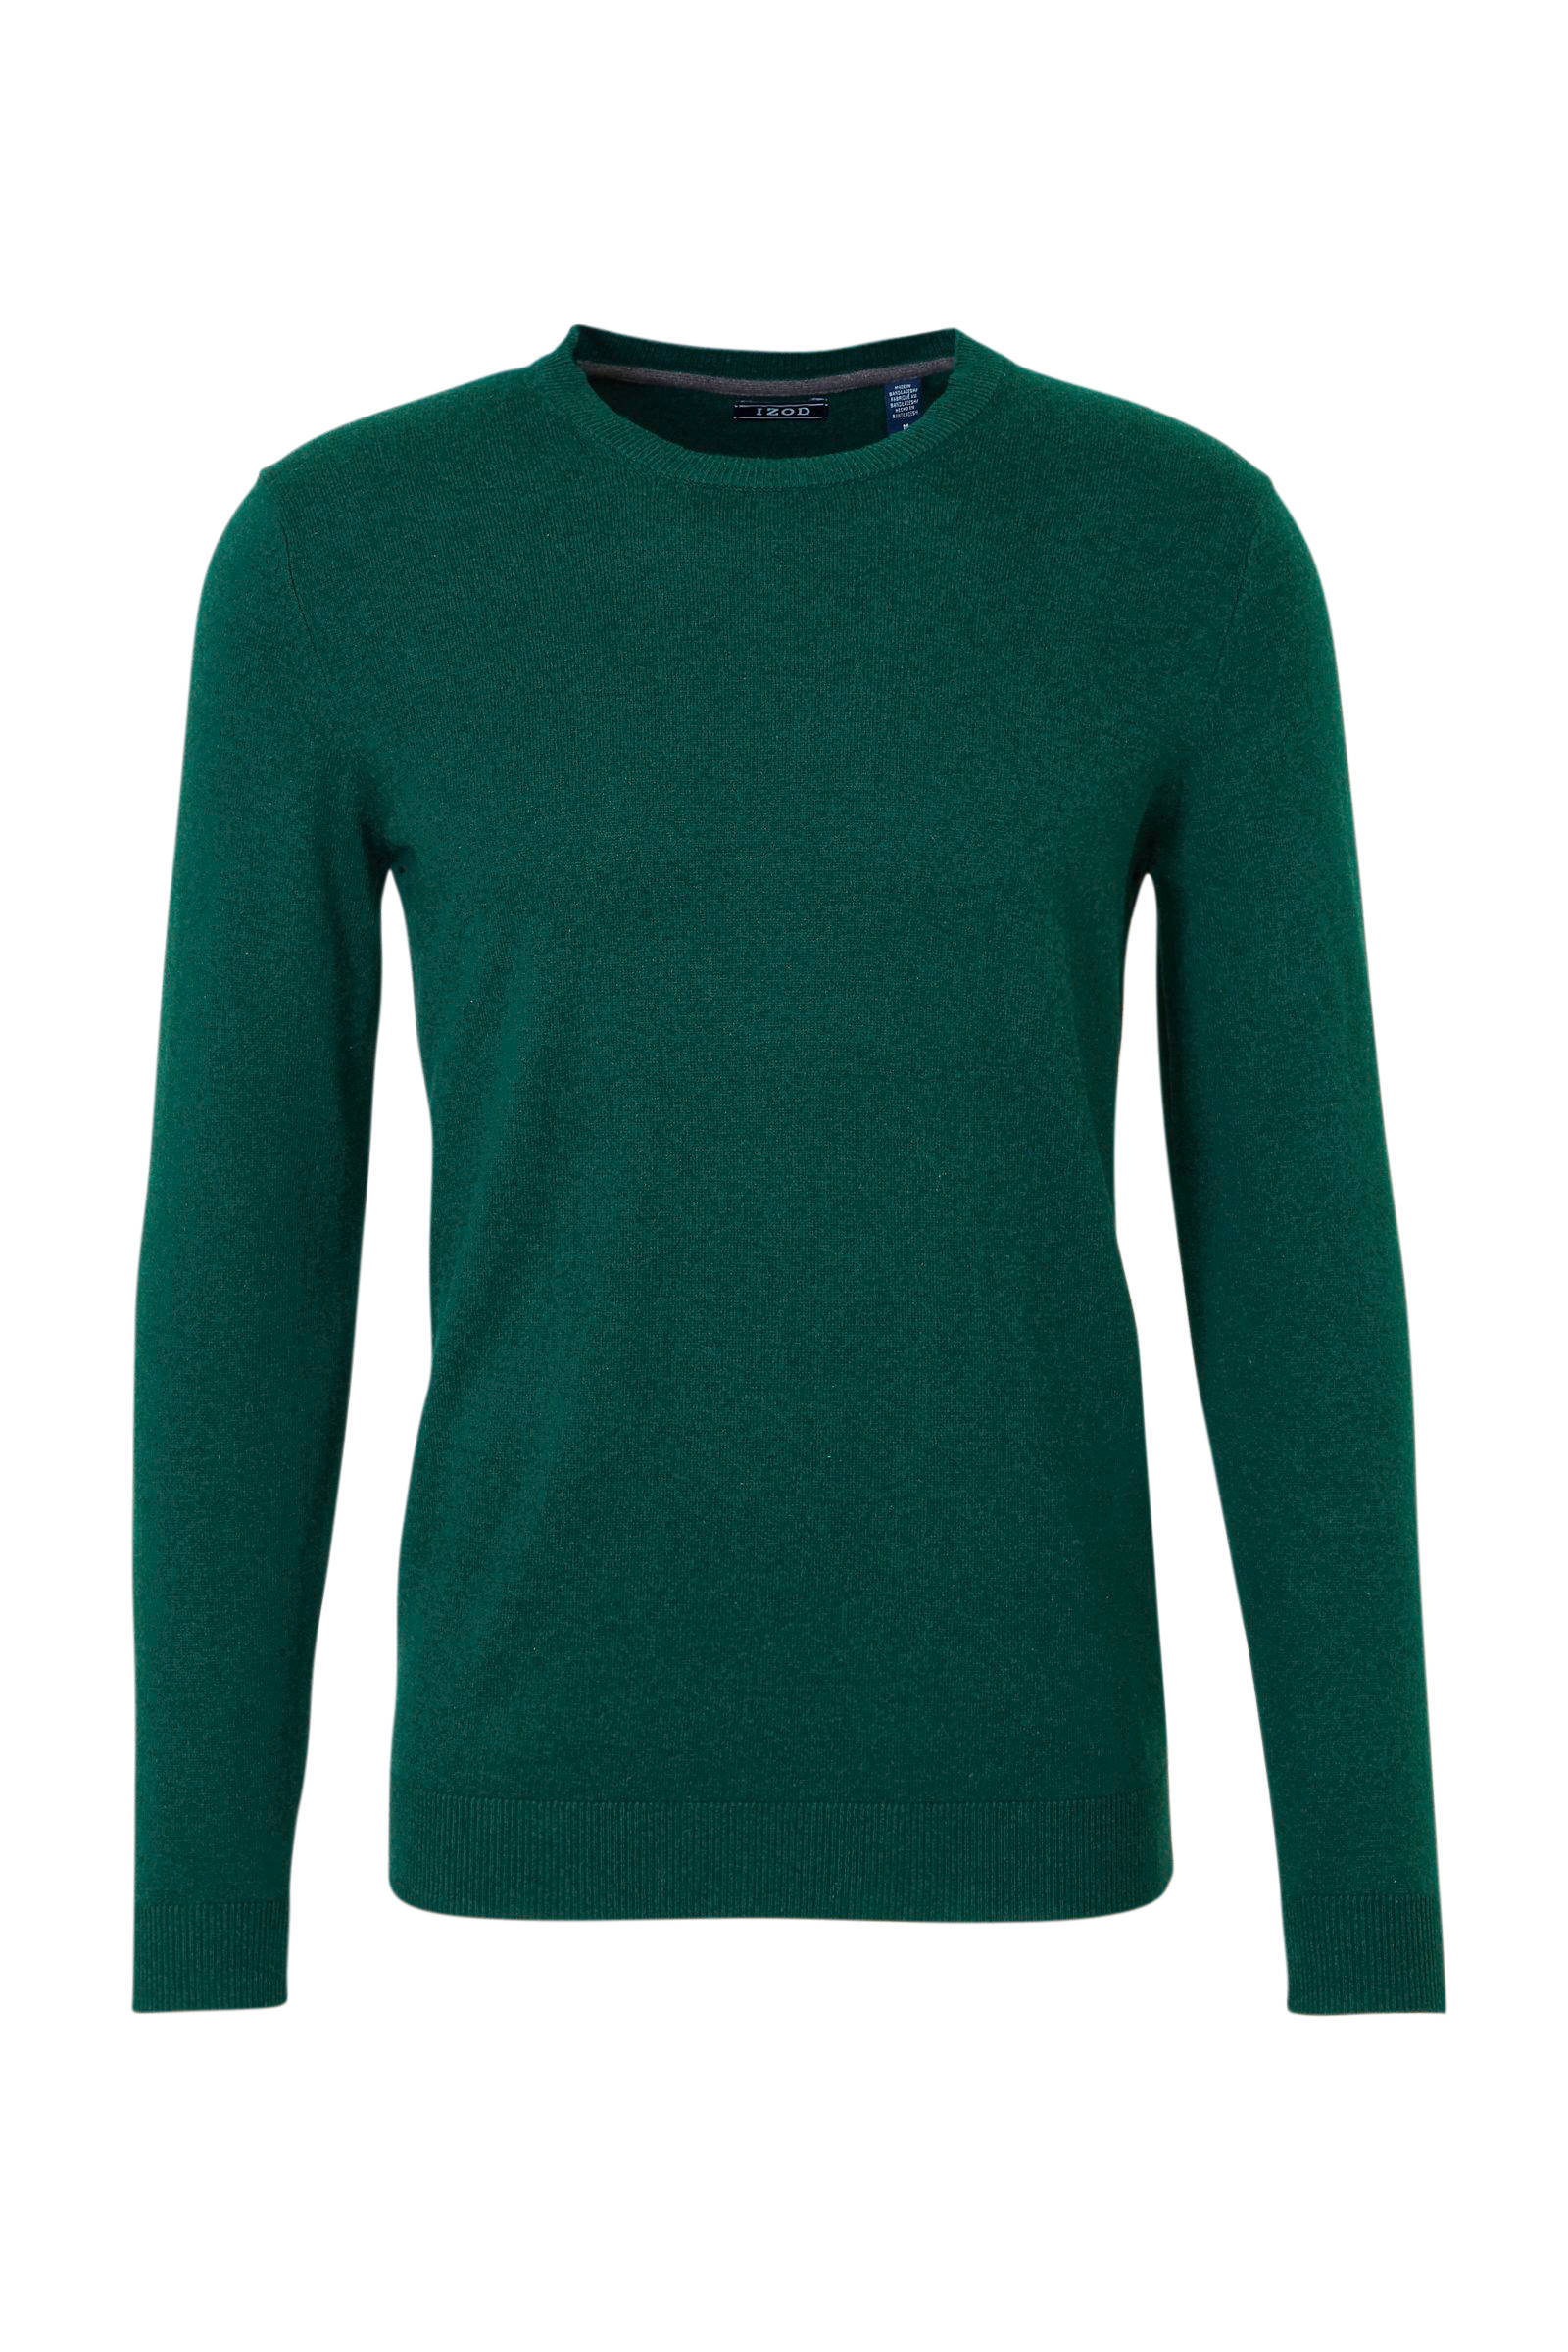 IZOD trui groen | wehkamp